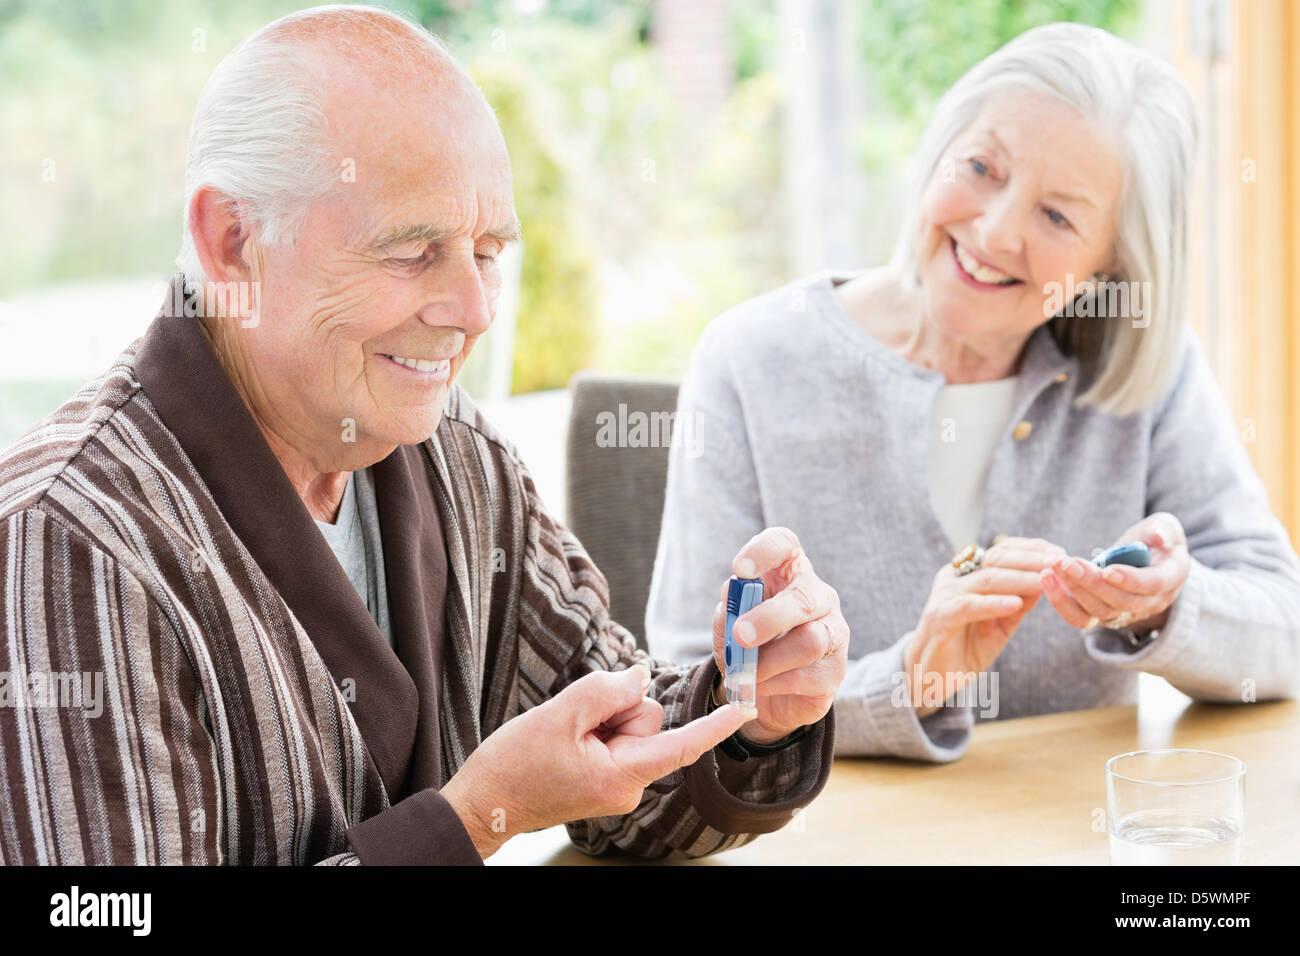 Older couple testing blood sugar together - Stock Image